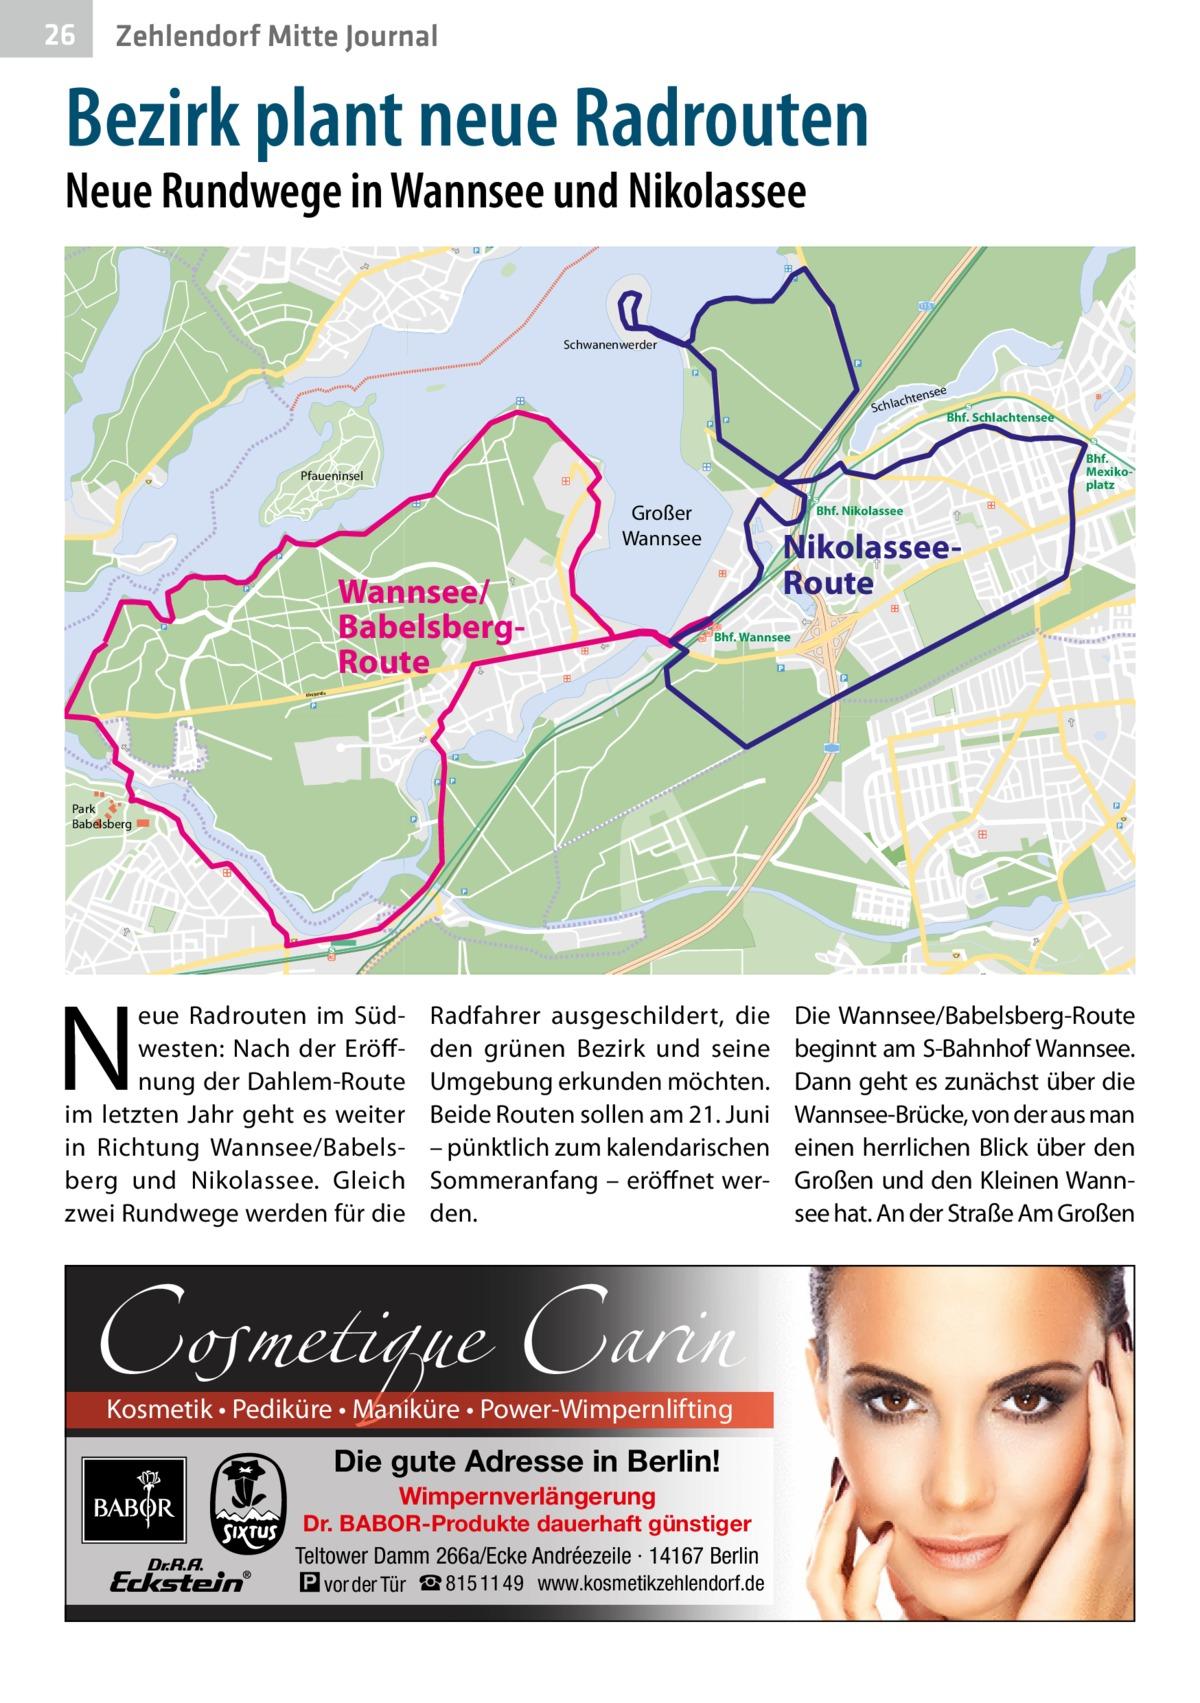 26  Zehlendorf Mitte Journal  Bezirk plant neue Radrouten Neue Rundwege in Wannsee und Nikolassee  115  Schwanenwerder  see  chten  Schla  Bhf. Schlachtensee Bhf. Mexikoplatz  Pfaueninsel  Großer Wannsee  Wannsee/ BabelsbergRoute  Bhf. Nikolassee  NikolasseeRoute Bhf. Wannsee  Königstraße  Park Babelsberg  N  eue Radrouten im Südwesten: Nach der Eröffnung der Dahlem-Route im letzten Jahr geht es weiter in Richtung Wannsee/Babelsberg und Nikolassee. Gleich zwei Rundwege werden für die  Radfahrer ausgeschildert, die den grünen Bezirk und seine Umgebung erkunden möchten. Beide Routen sollen am 21.Juni – pünktlich zum kalendarischen Sommeranfang – eröffnet werden.  Cosmetique Carin Kosmetik • Pediküre • Maniküre • Power-Wimpernlifting  Die gute Adresse in Berlin! Wimpernverlängerung  Dr. BABOR-Produkte dauerhaft günstiger Teltower Damm 266a/Ecke Andréezeile · 14167 Berlin  � vor der Tür ☎ 815 11 49  www.kosmetikzehlendorf.de  Die Wannsee/Babelsberg-Route beginnt am S-Bahnhof Wannsee. Dann geht es zunächst über die Wannsee-Brücke, von der aus man einen herrlichen Blick über den Großen und den Kleinen Wannsee hat. An der Straße Am Großen